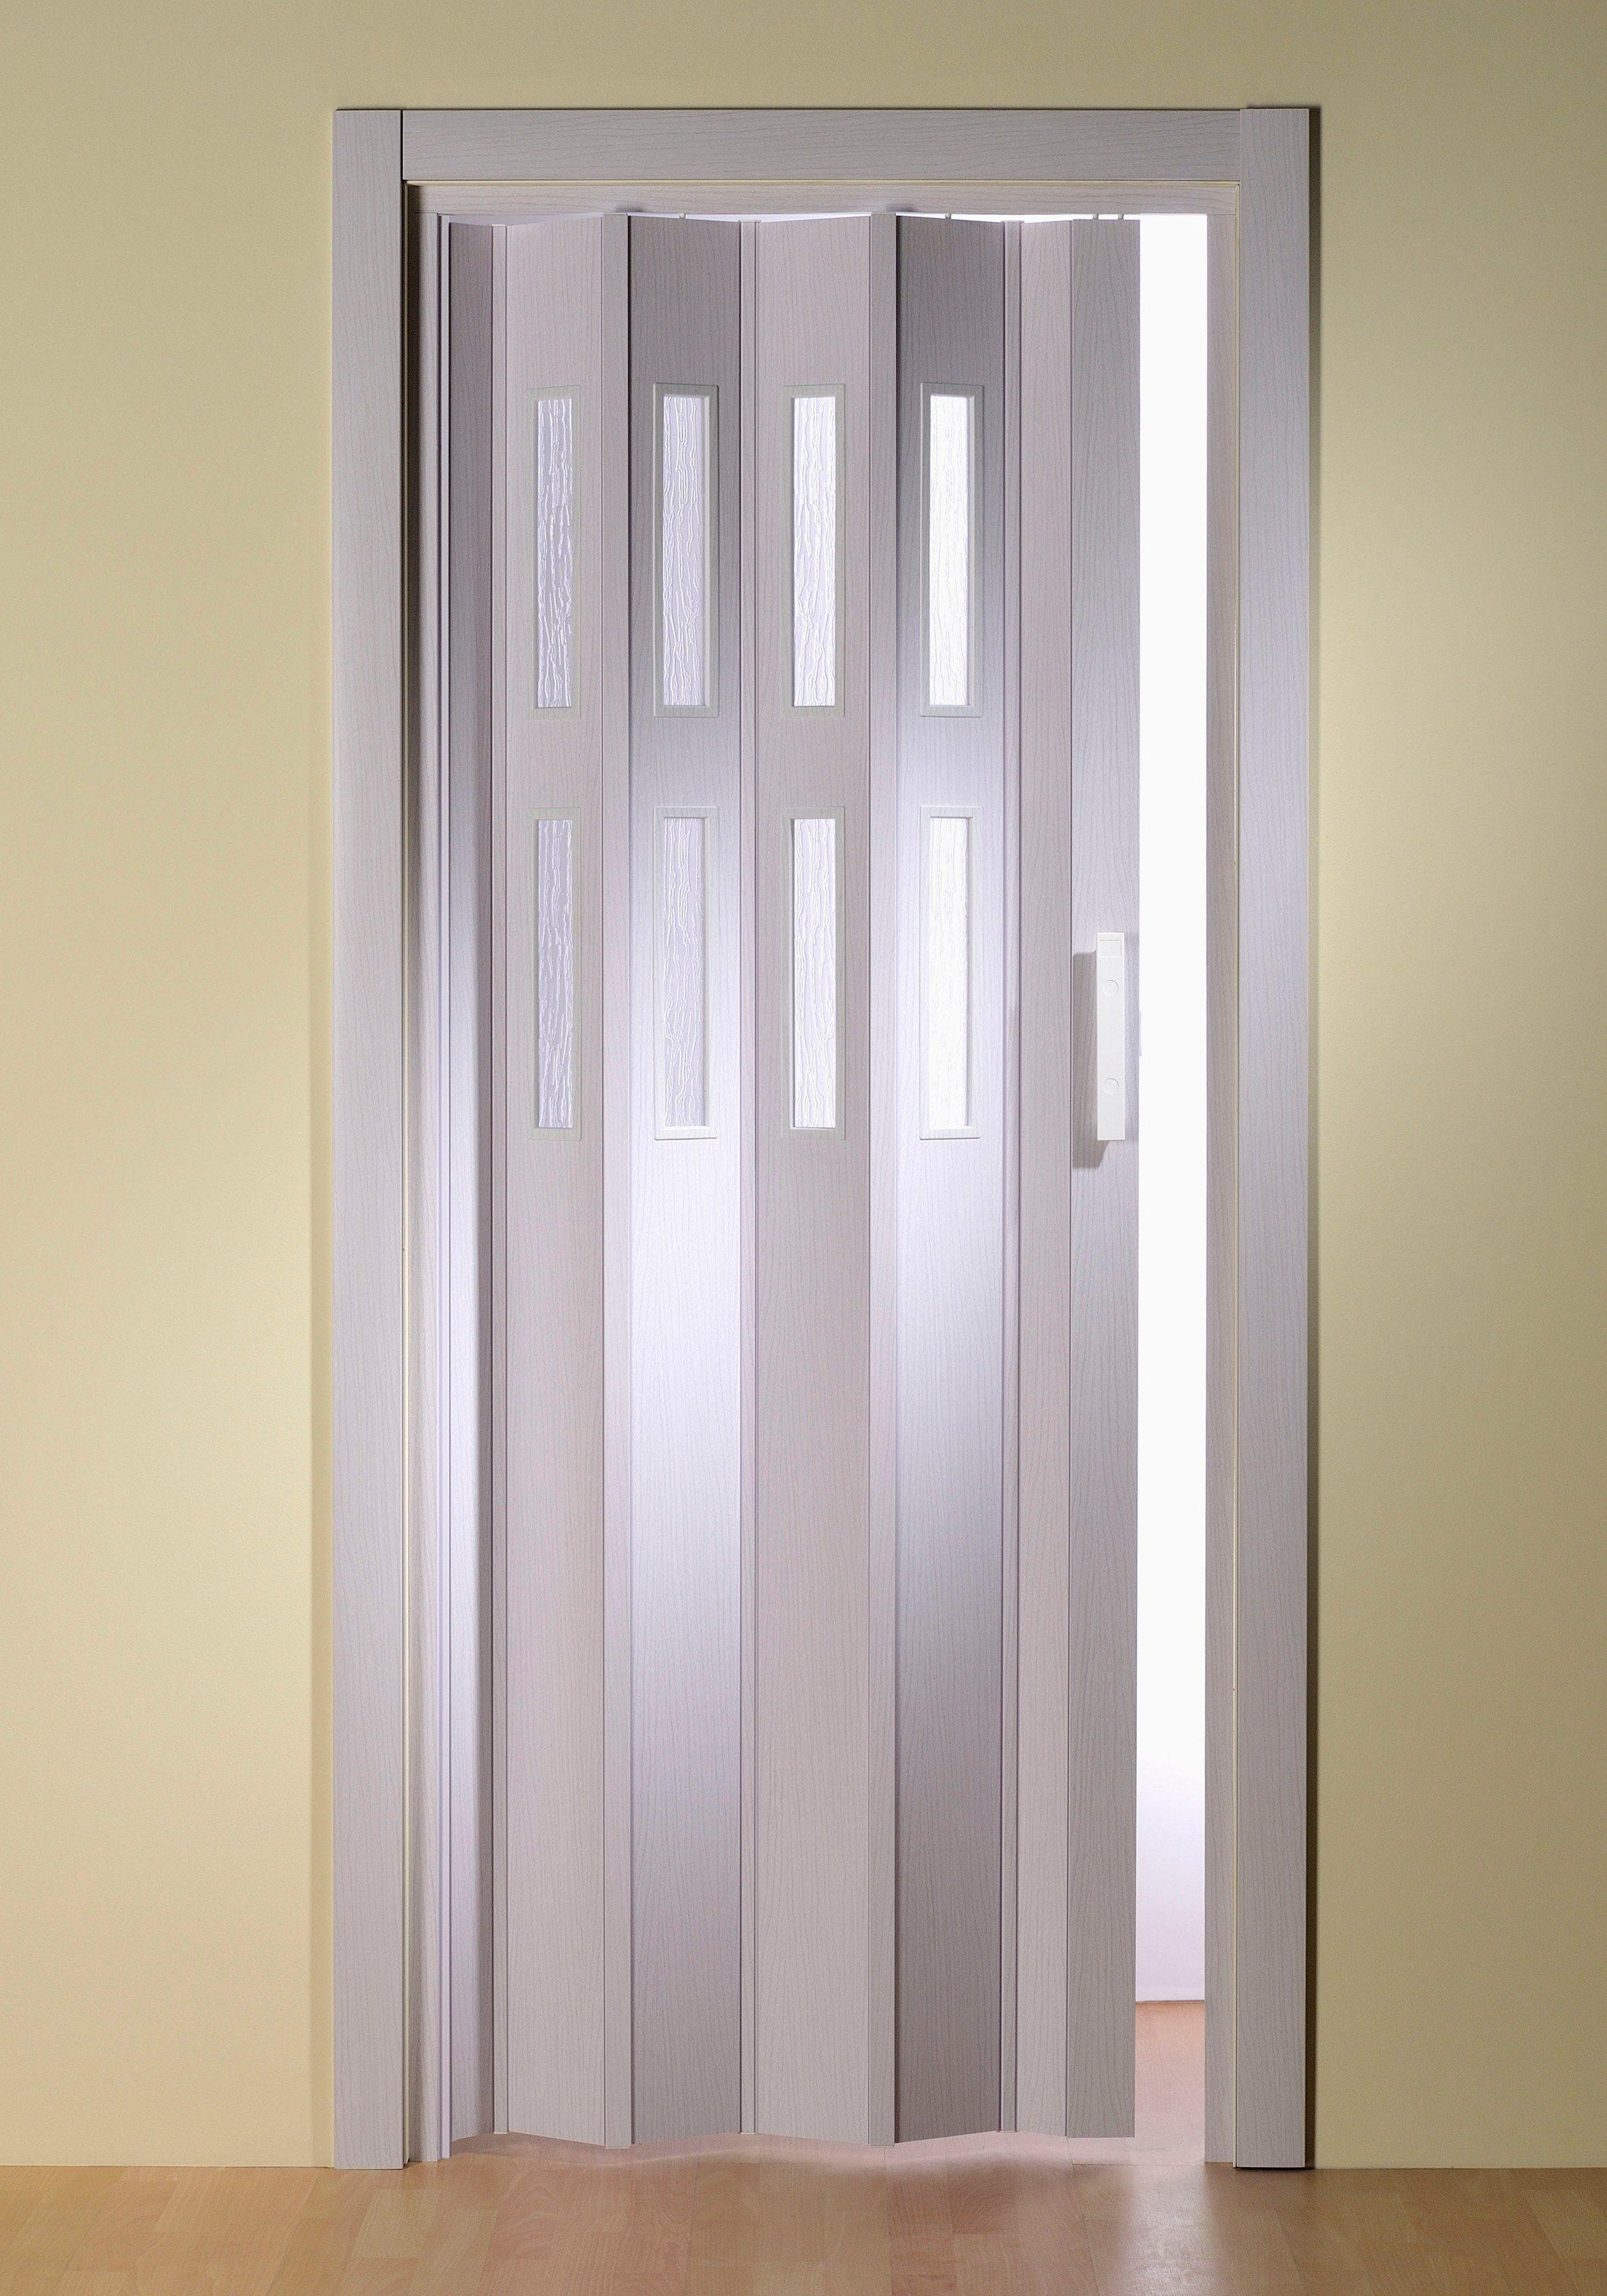 Kunststoff-Falttür »Luciana«, BxH: 88,5x202 cm, Esche weiß mit Fenstern in Riffelstruktur